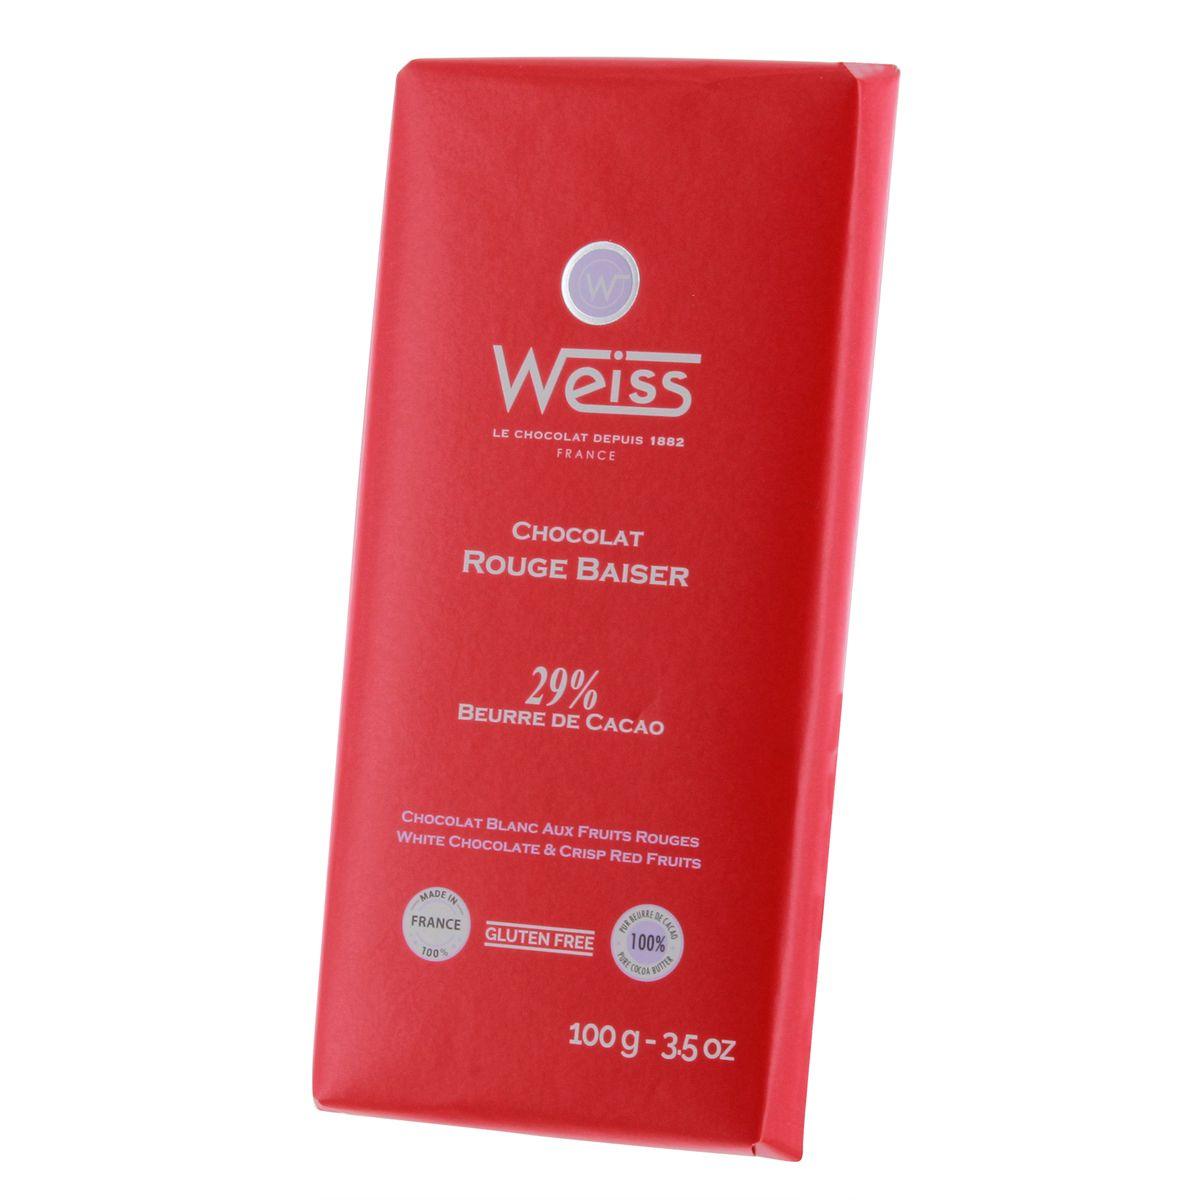 Tablette 100g Rouge baiser - Weiss